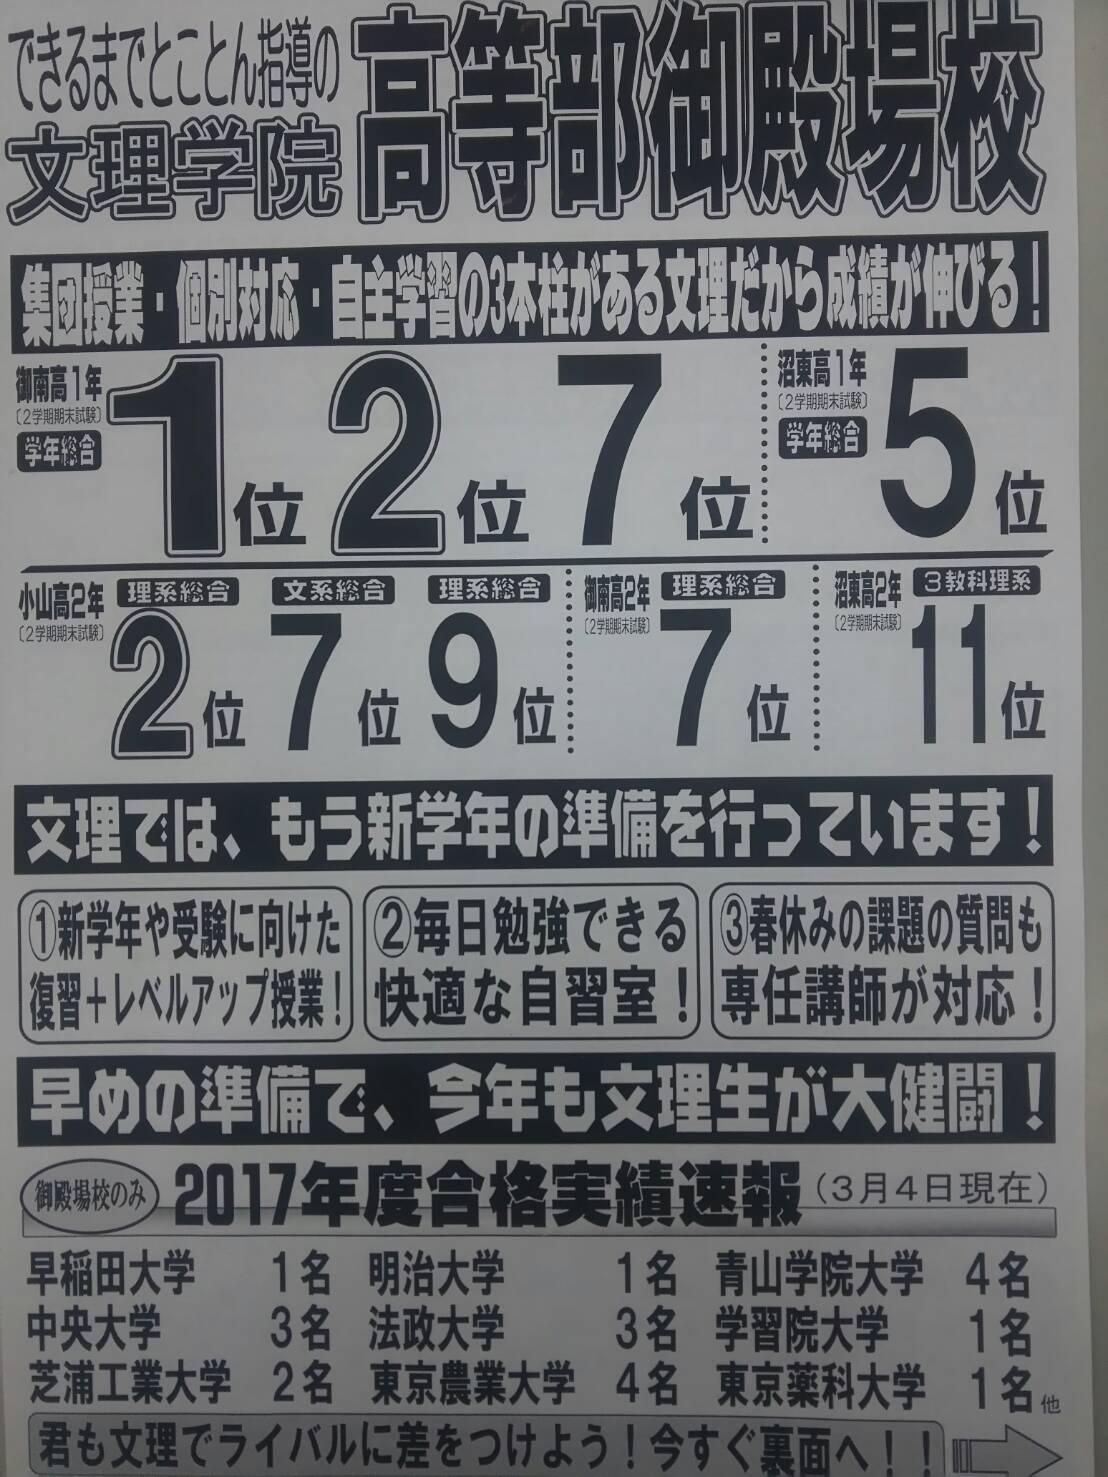 大学 静岡 合格 発表 県立